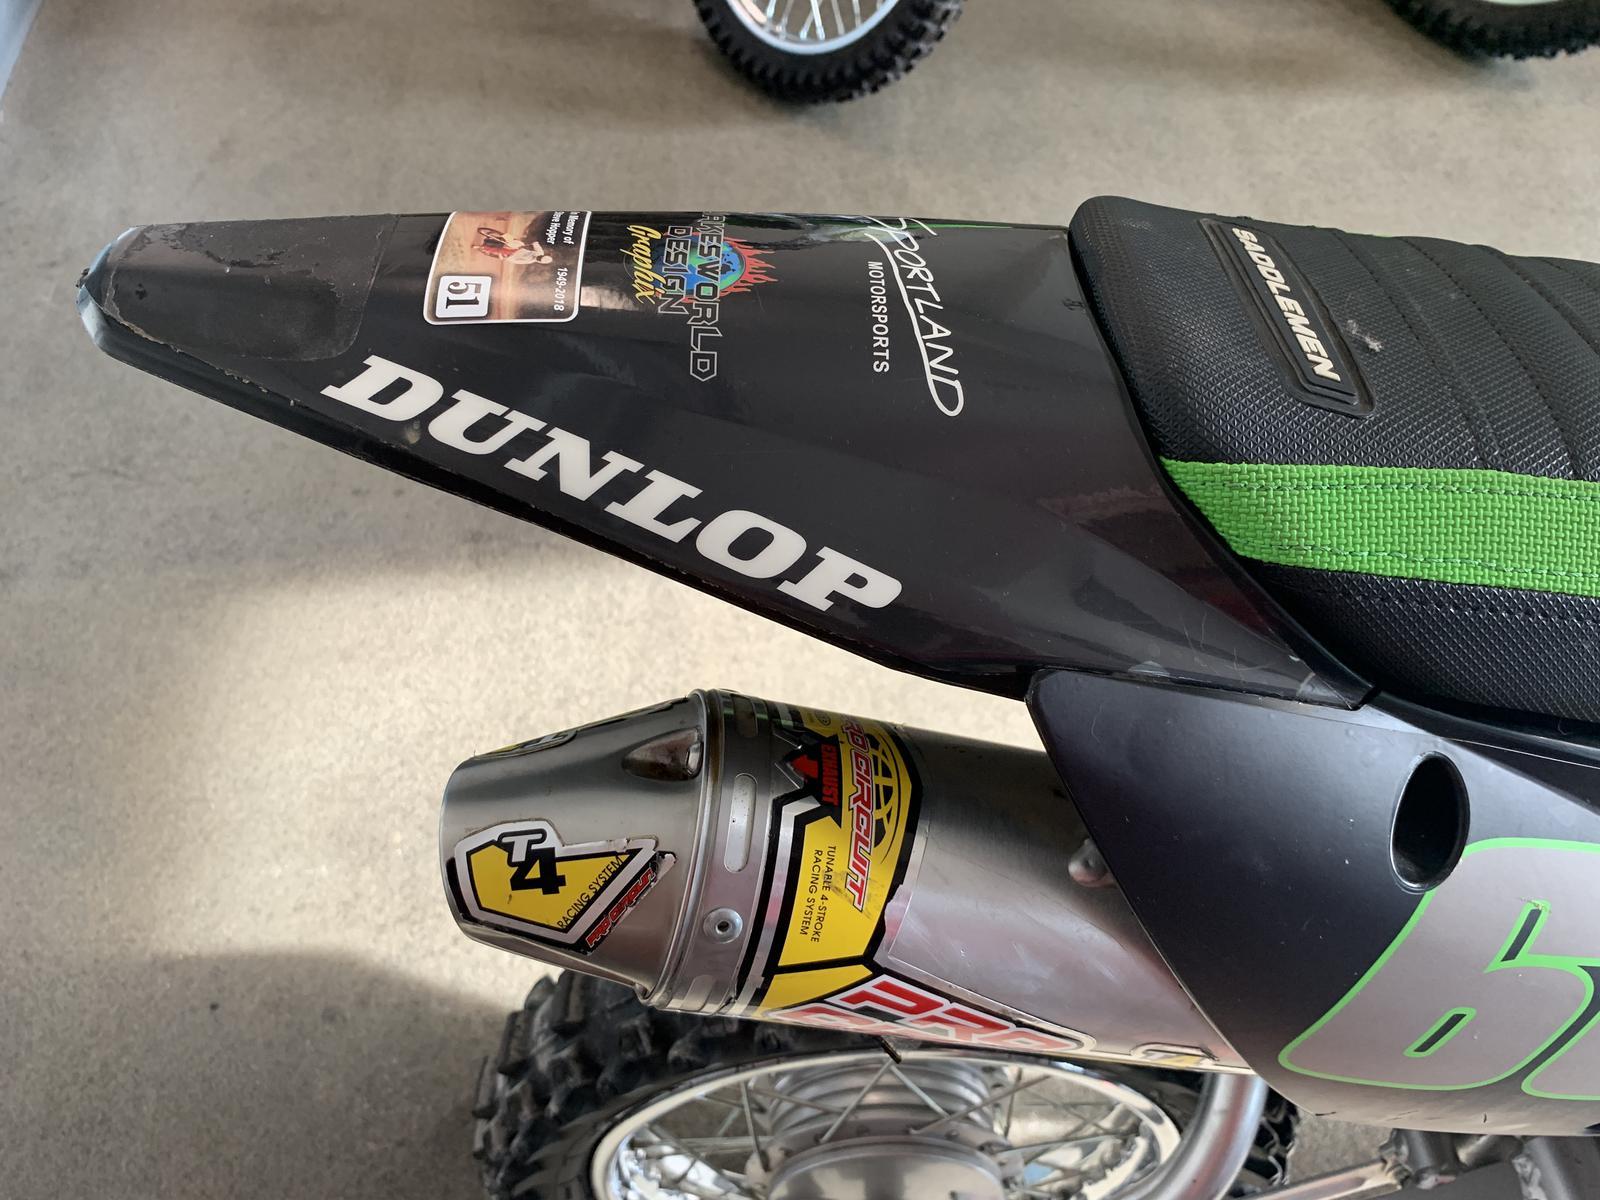 2018 Kawasaki KLX110DJF